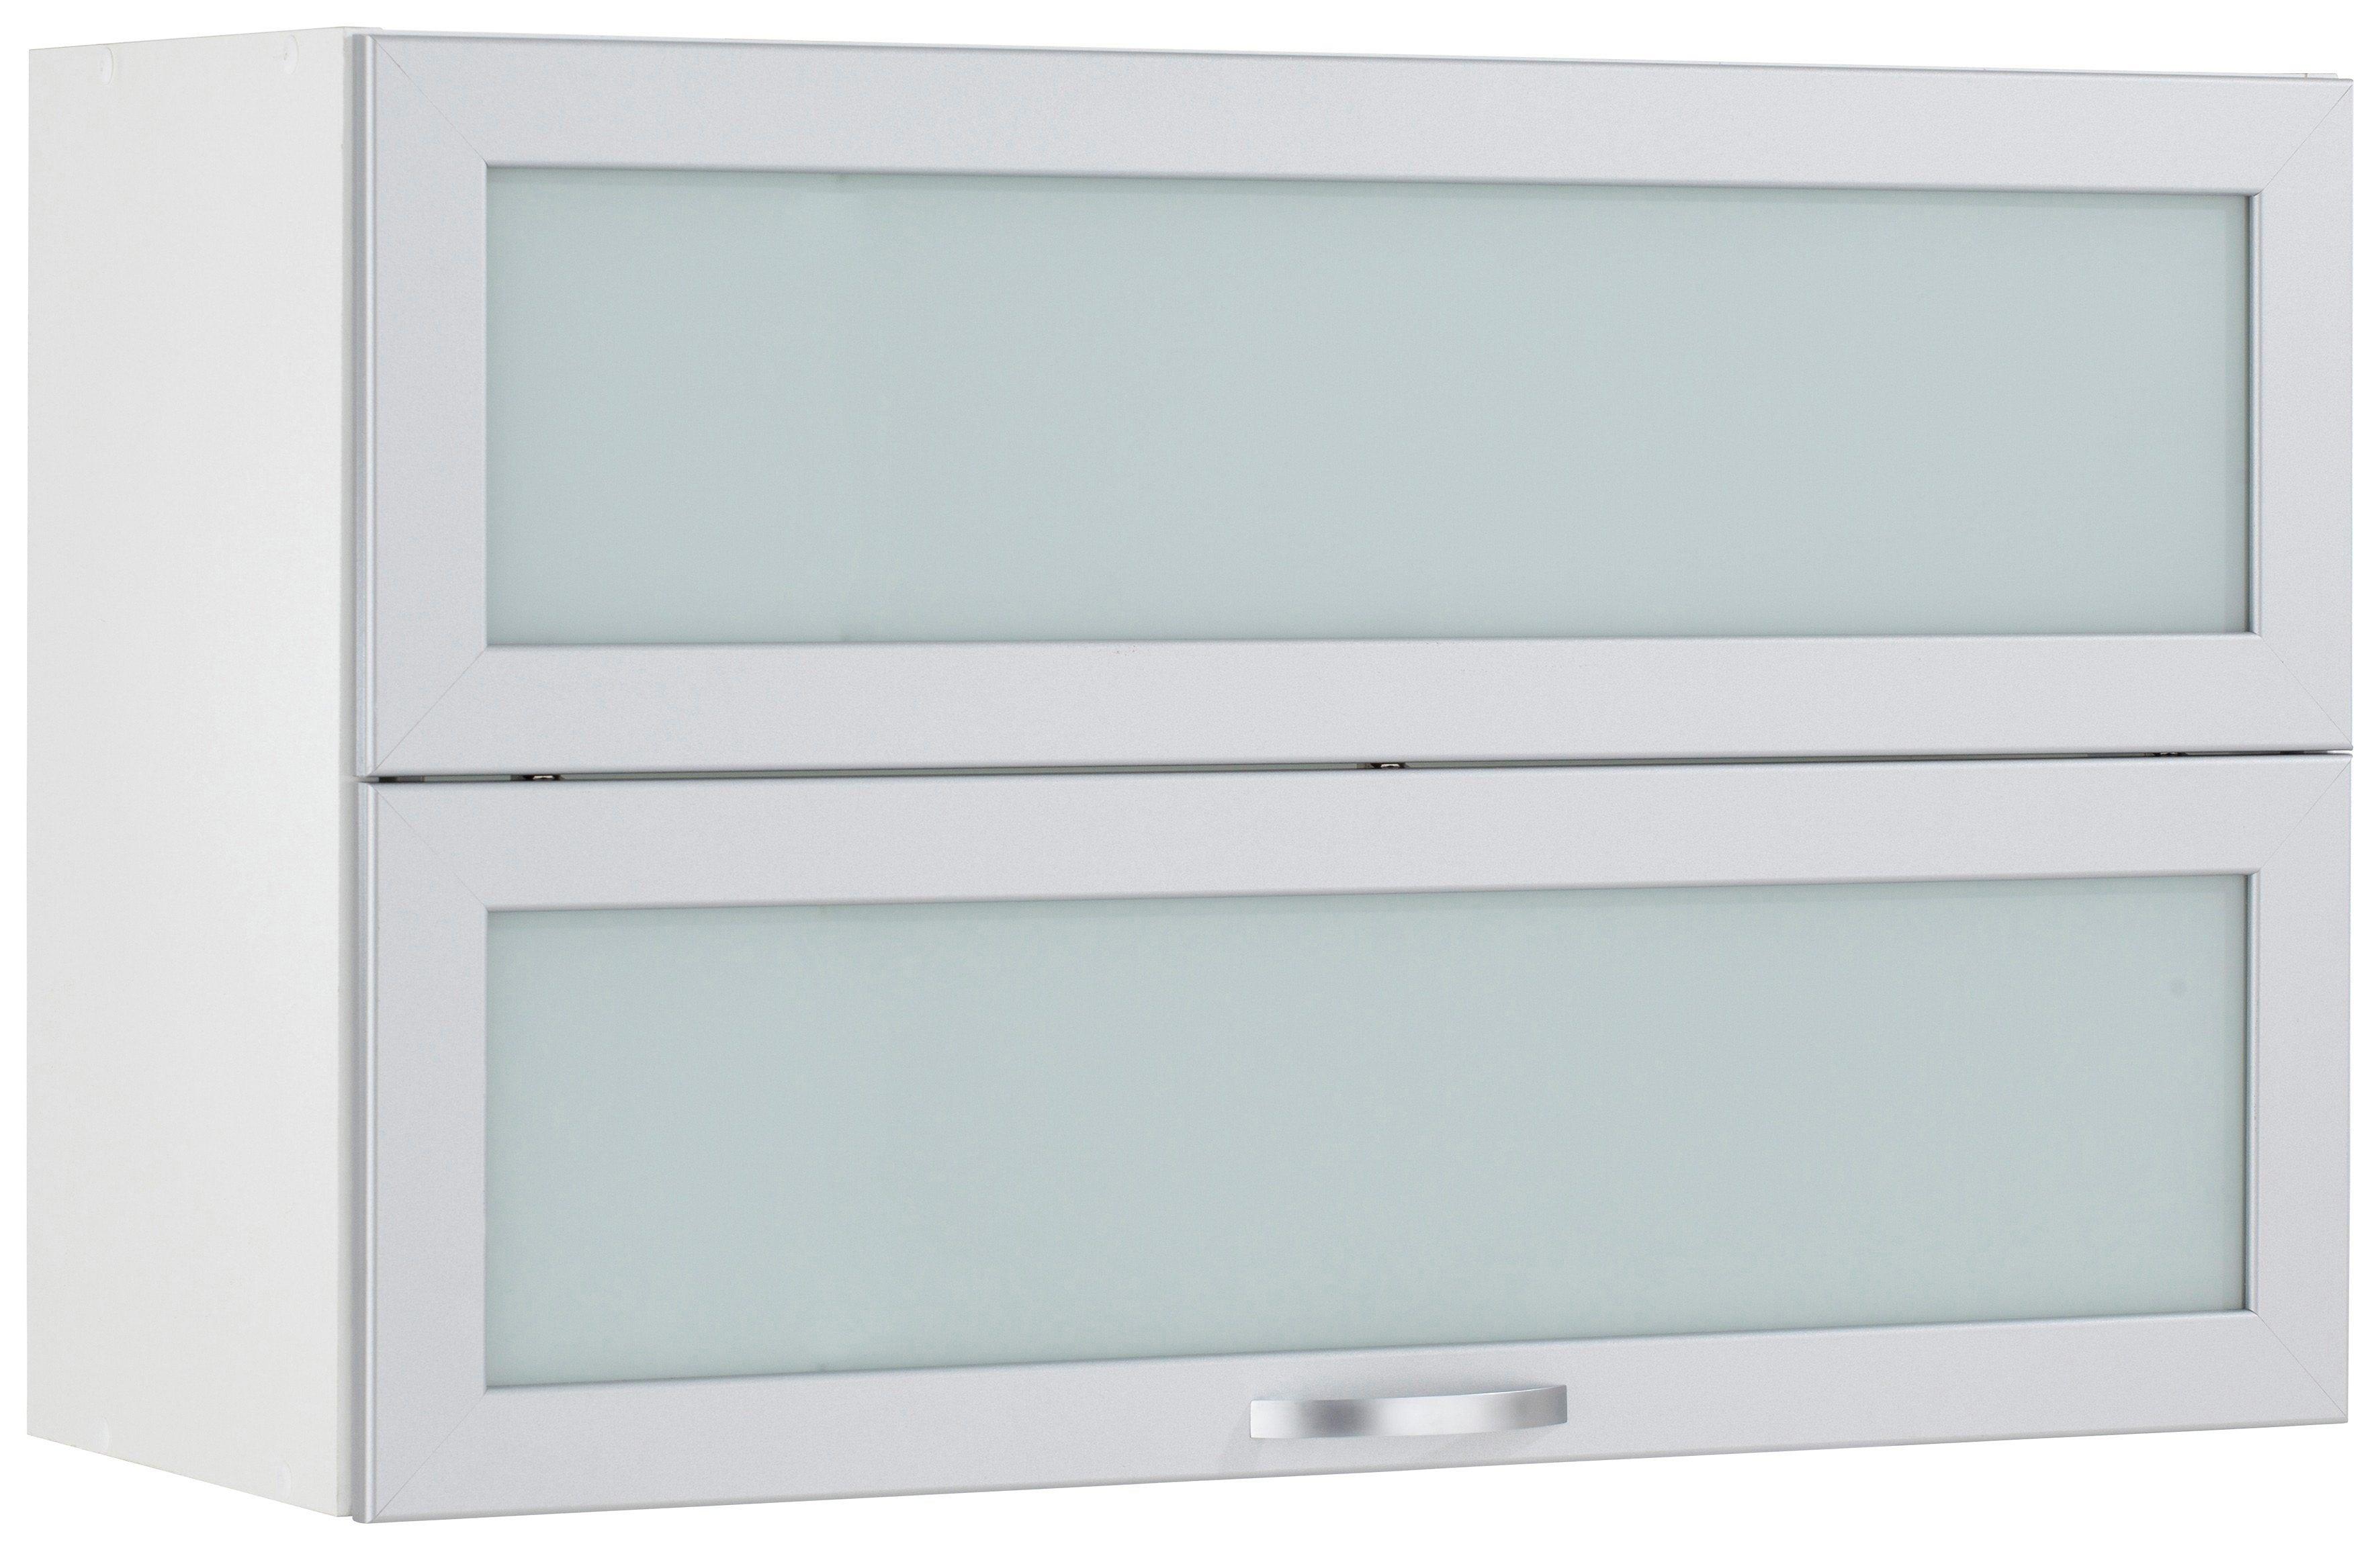 Faltlifthänger Flexi | Wohnzimmer > Schränke > Hängeschränke | Weiß